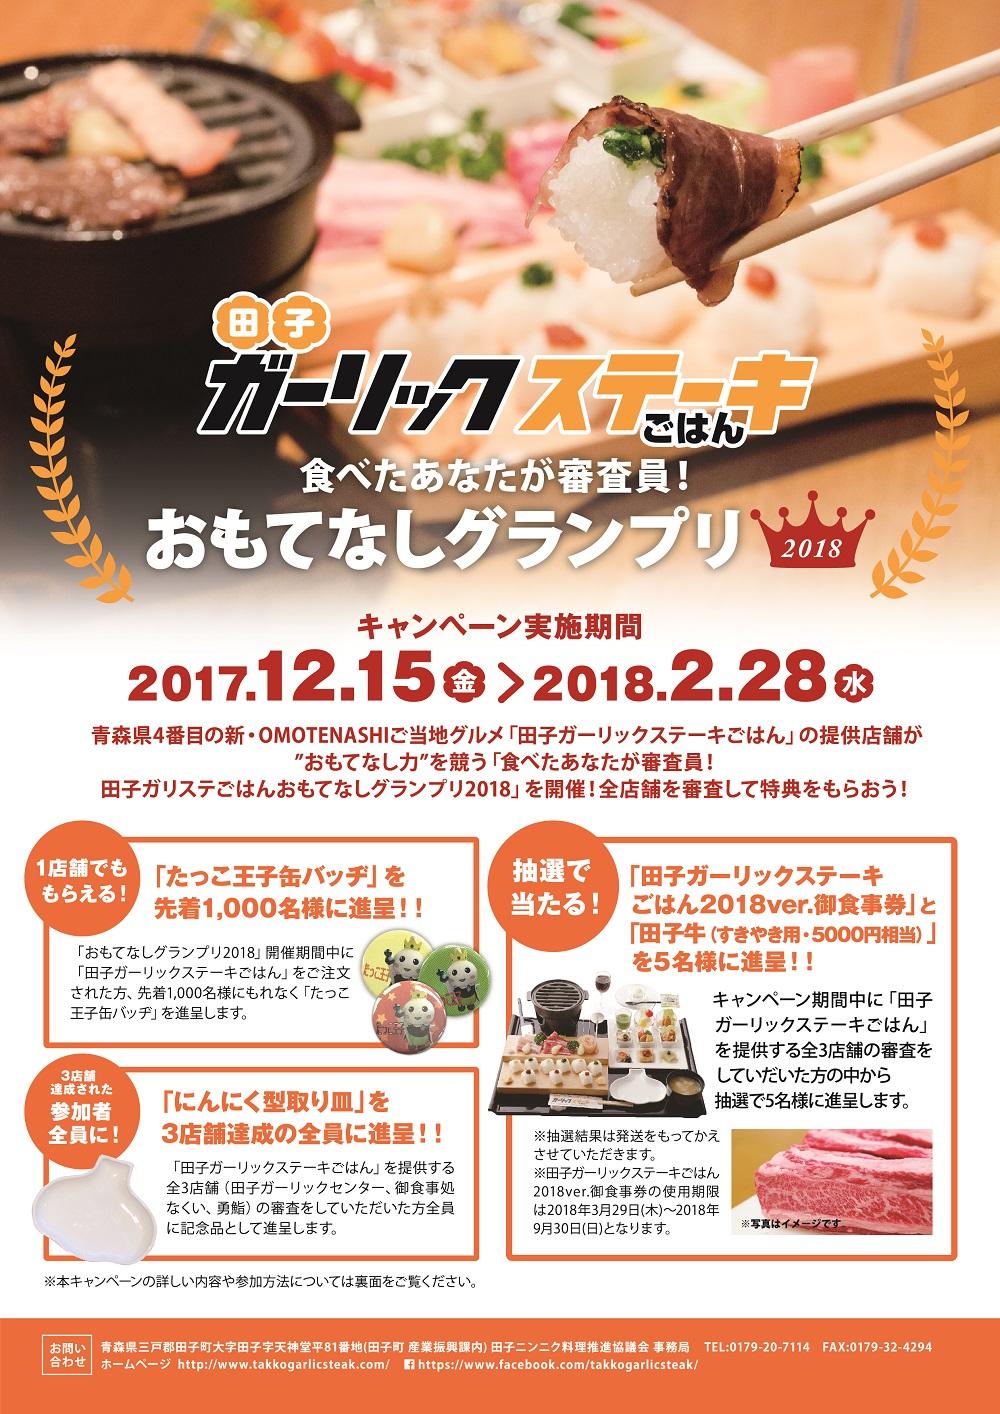 田子ガーリックステーキごはん おもてなしグランプリ2018